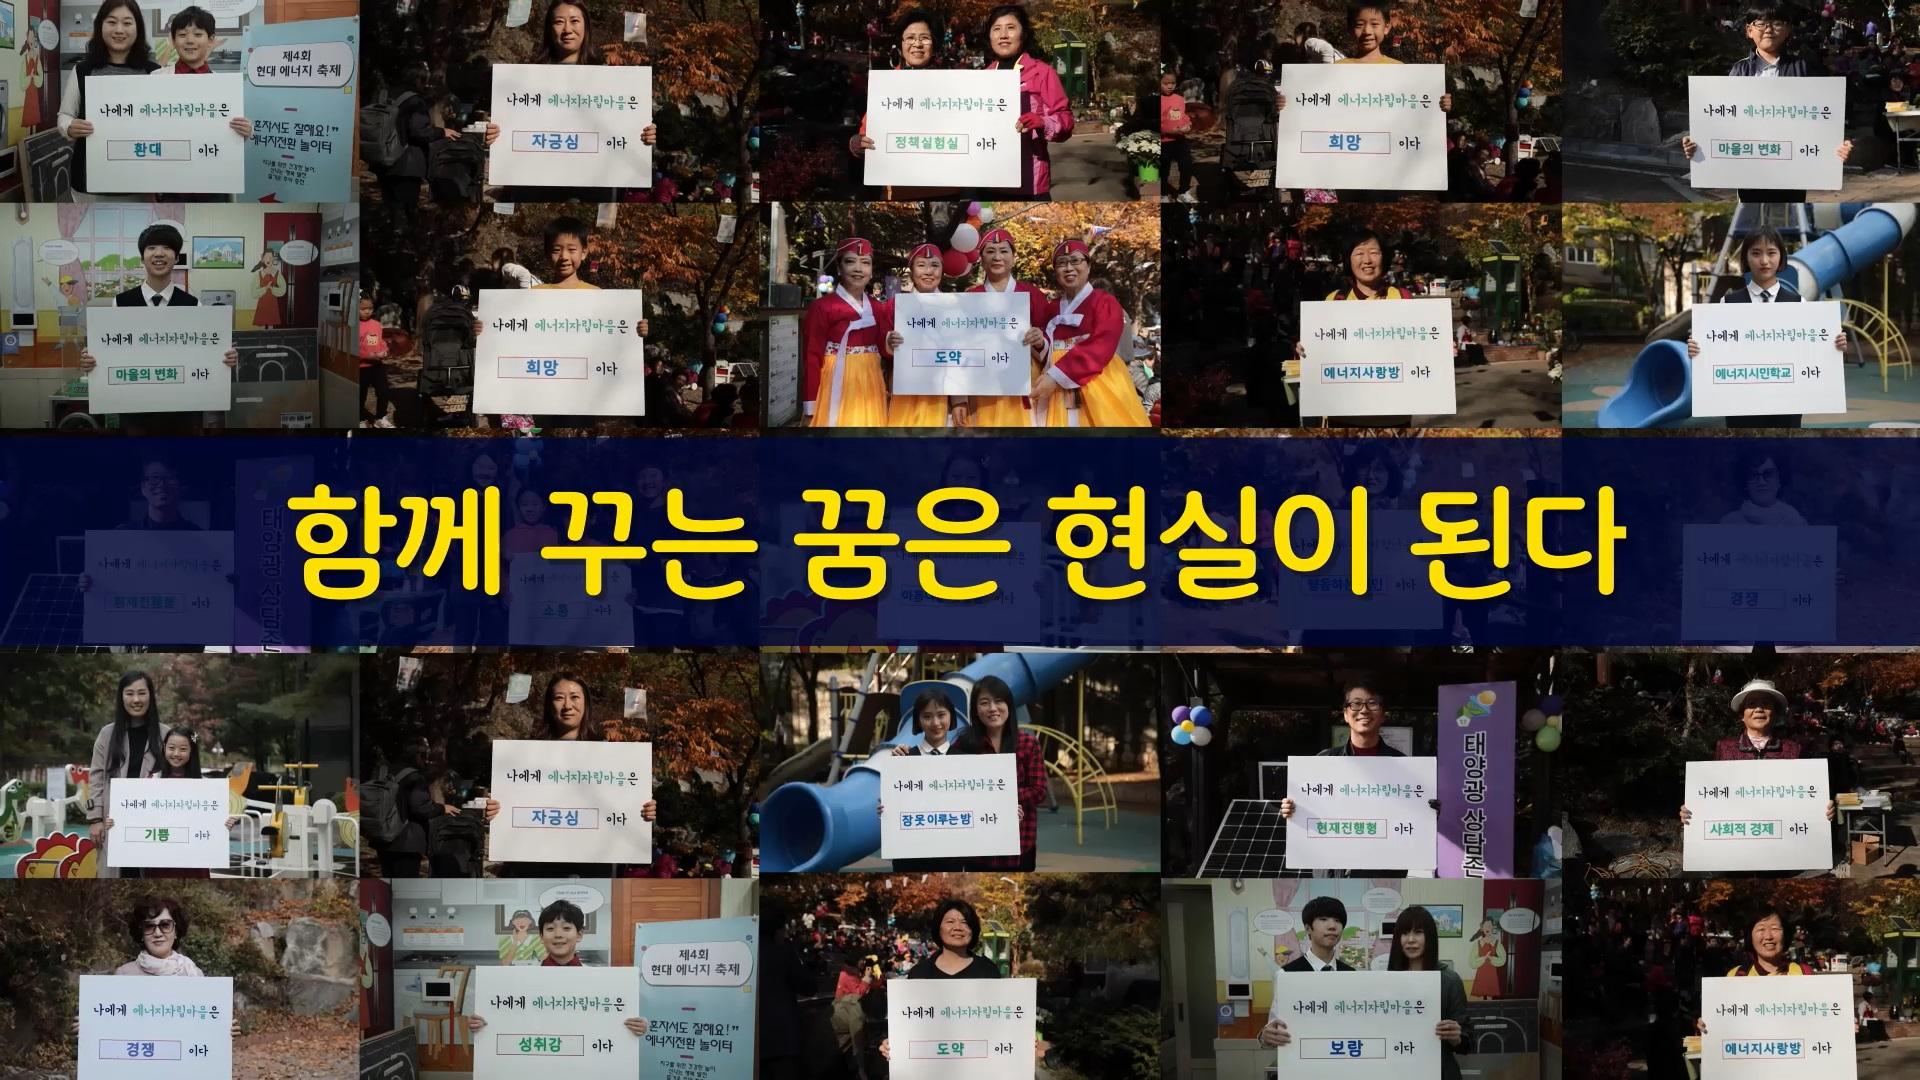 서울시 에너지자립마을의 성장 스토리(9분)